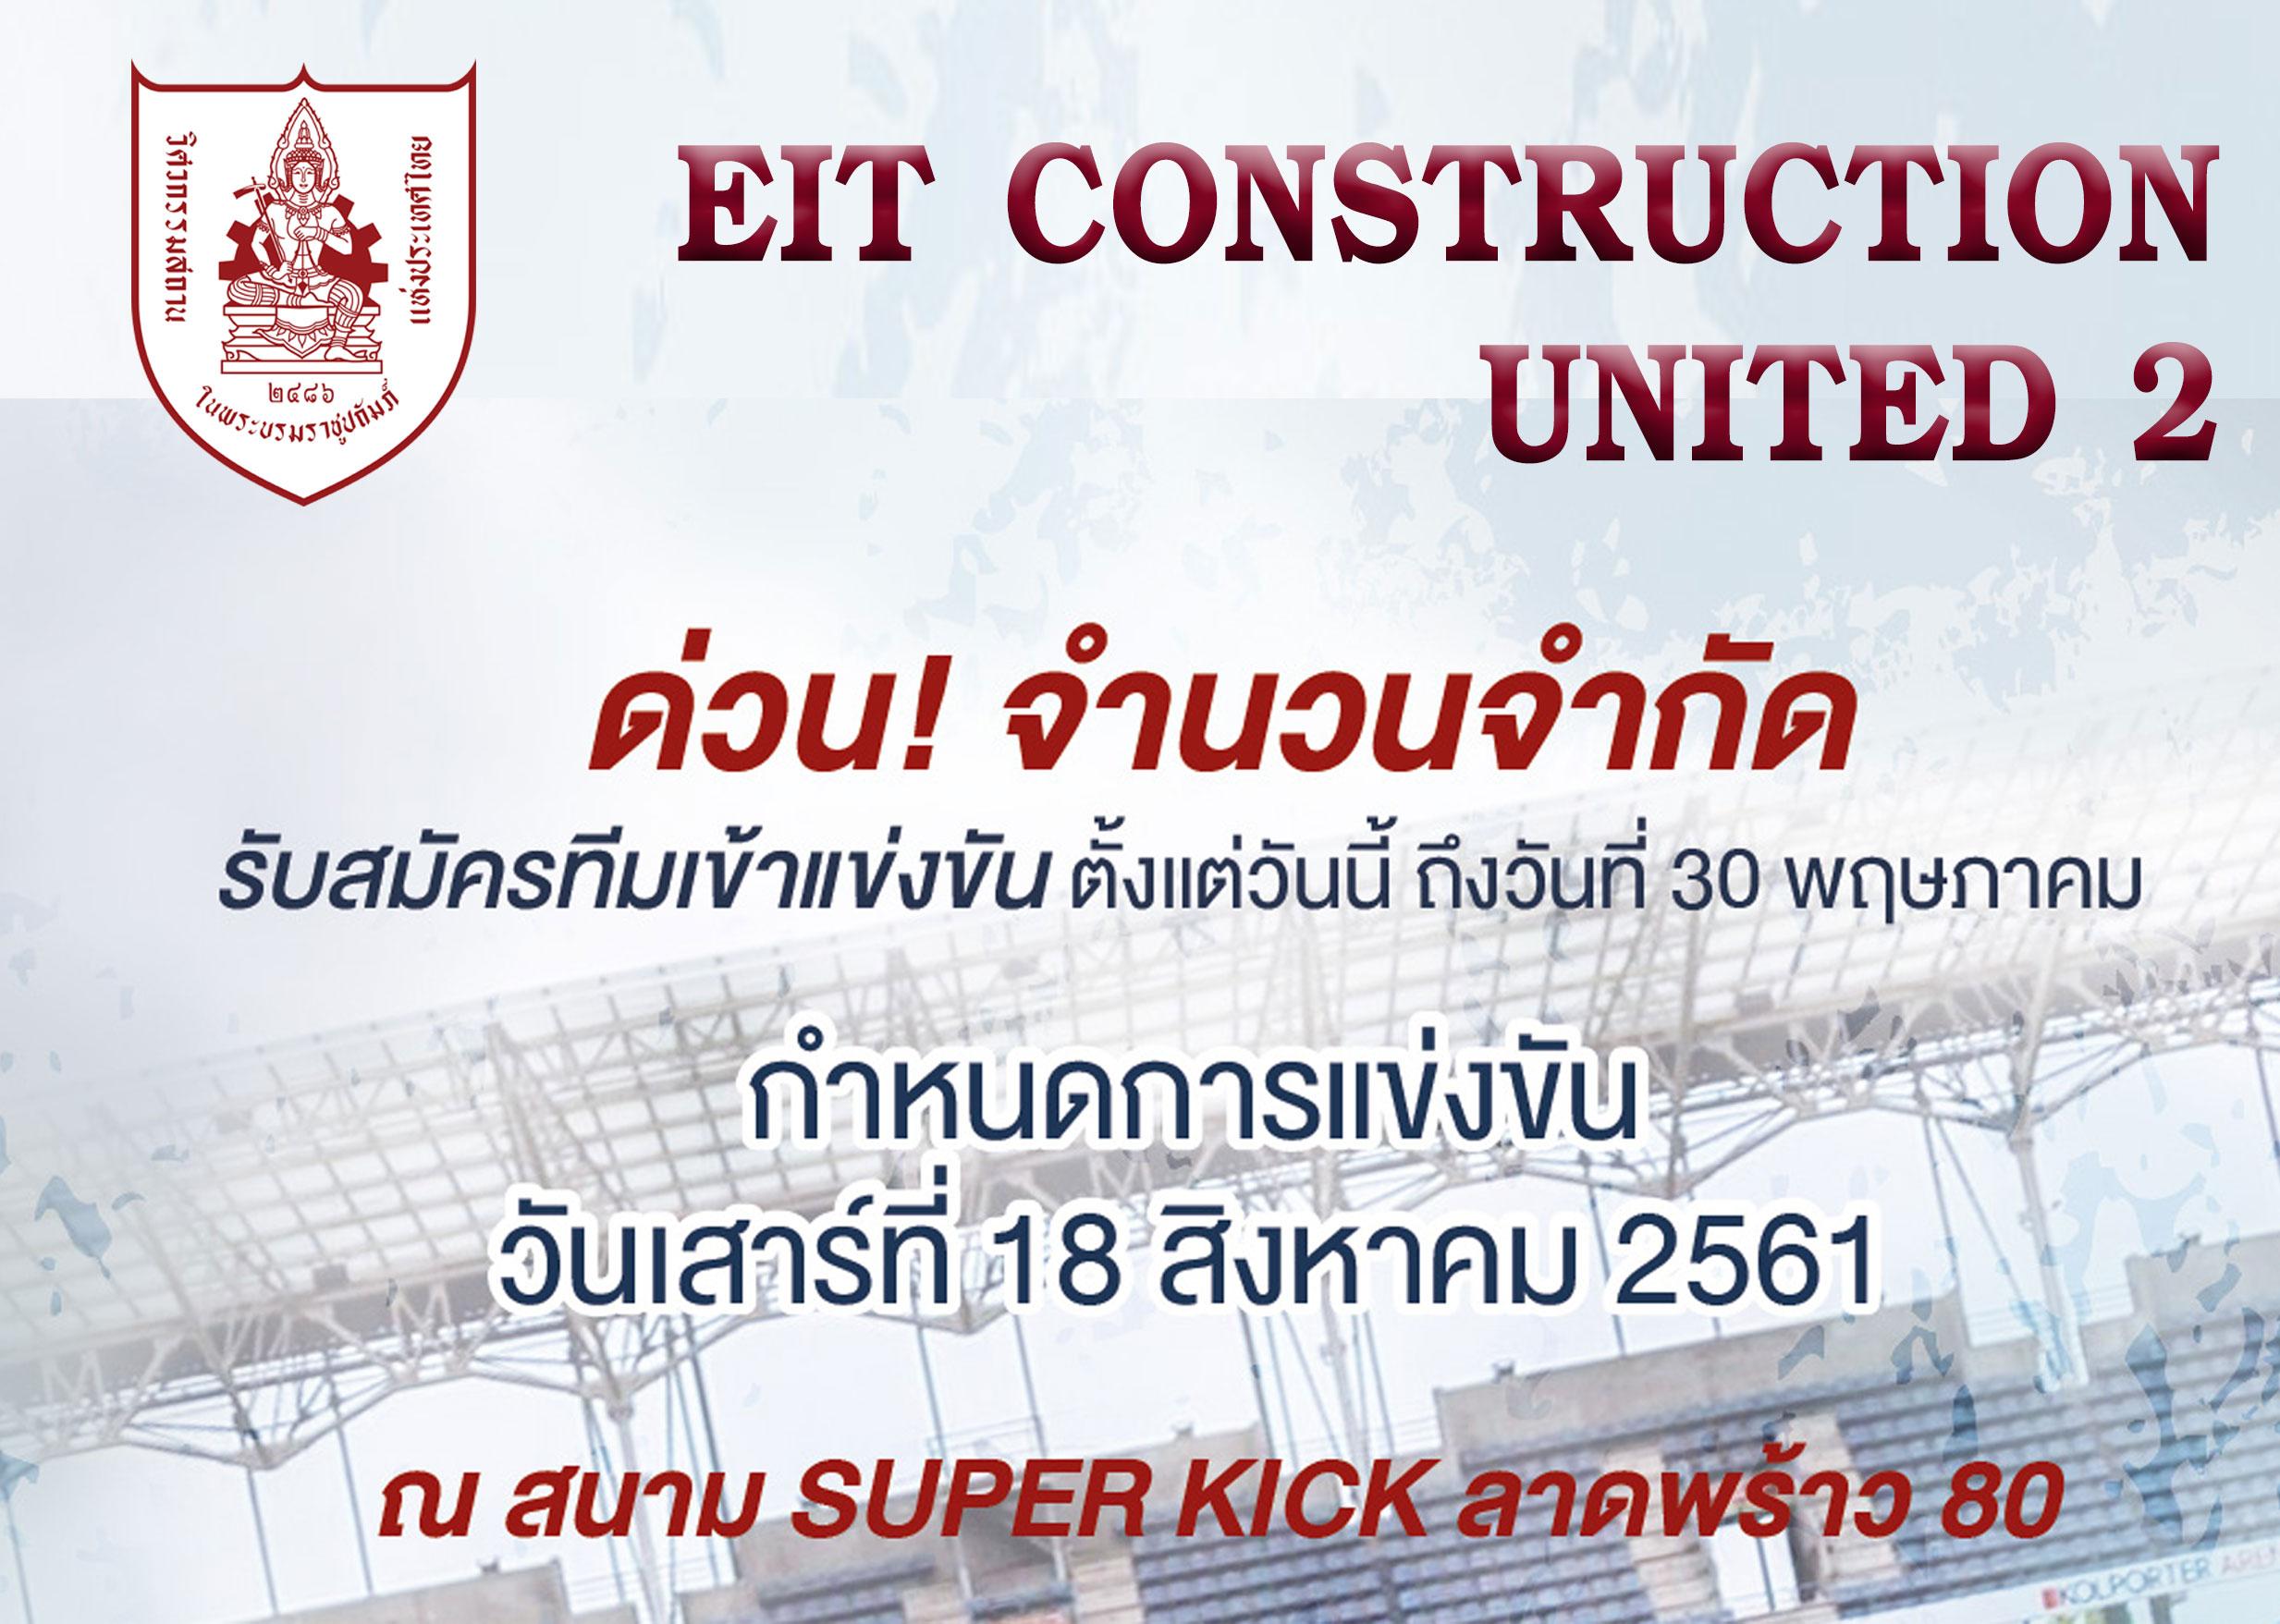 เชิญสมัคร EIT CONSTRUCTION UNITED CUP ครั้งที่ 2